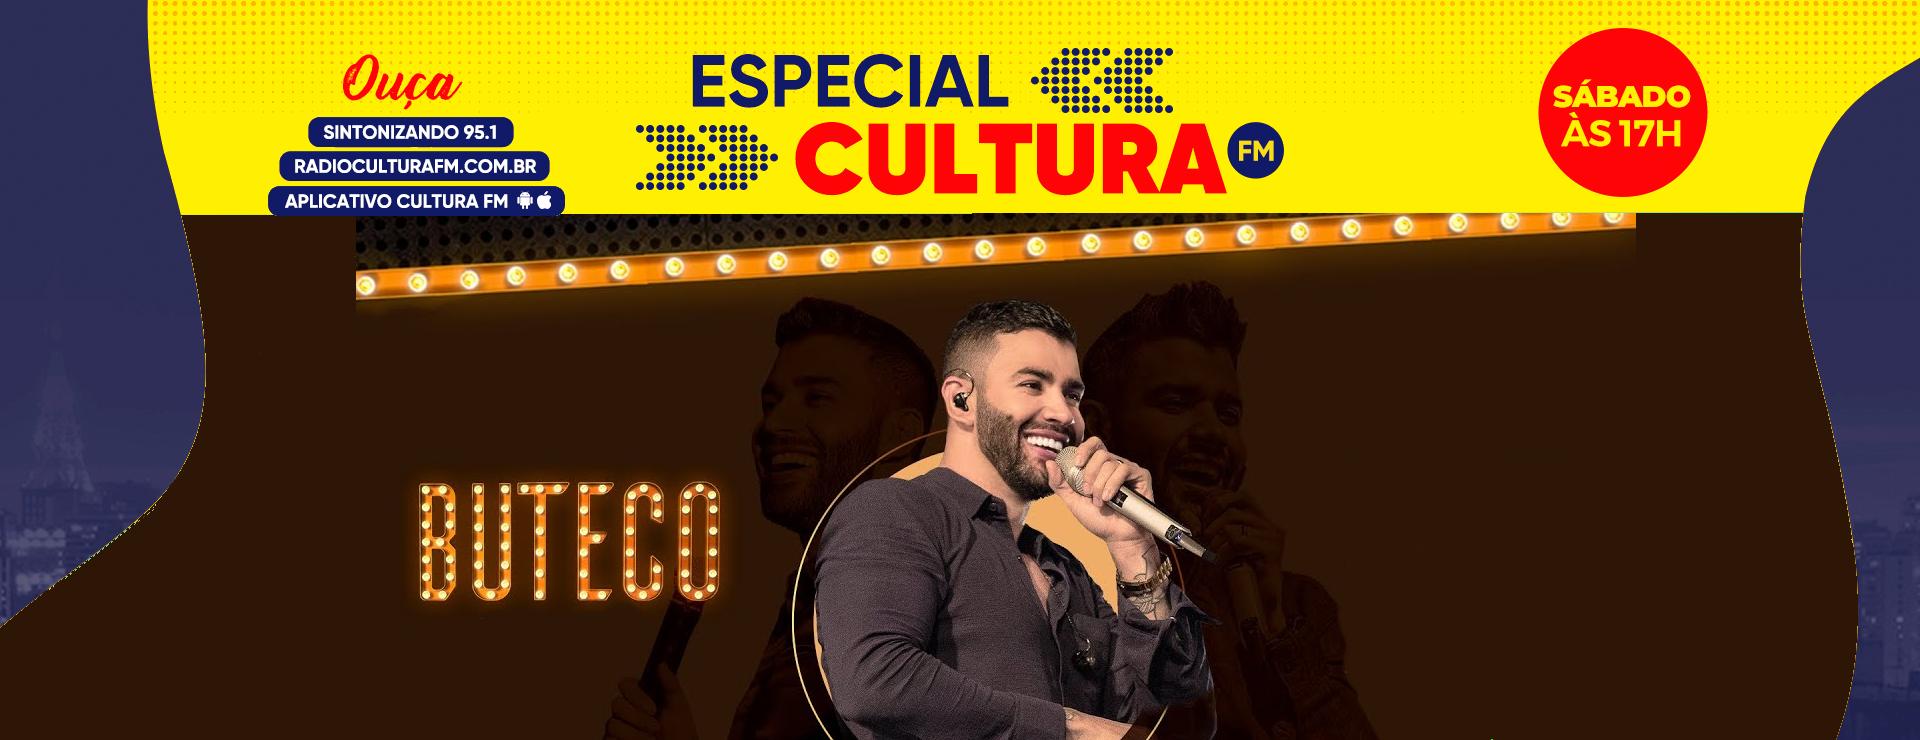 Especial Cultura FM